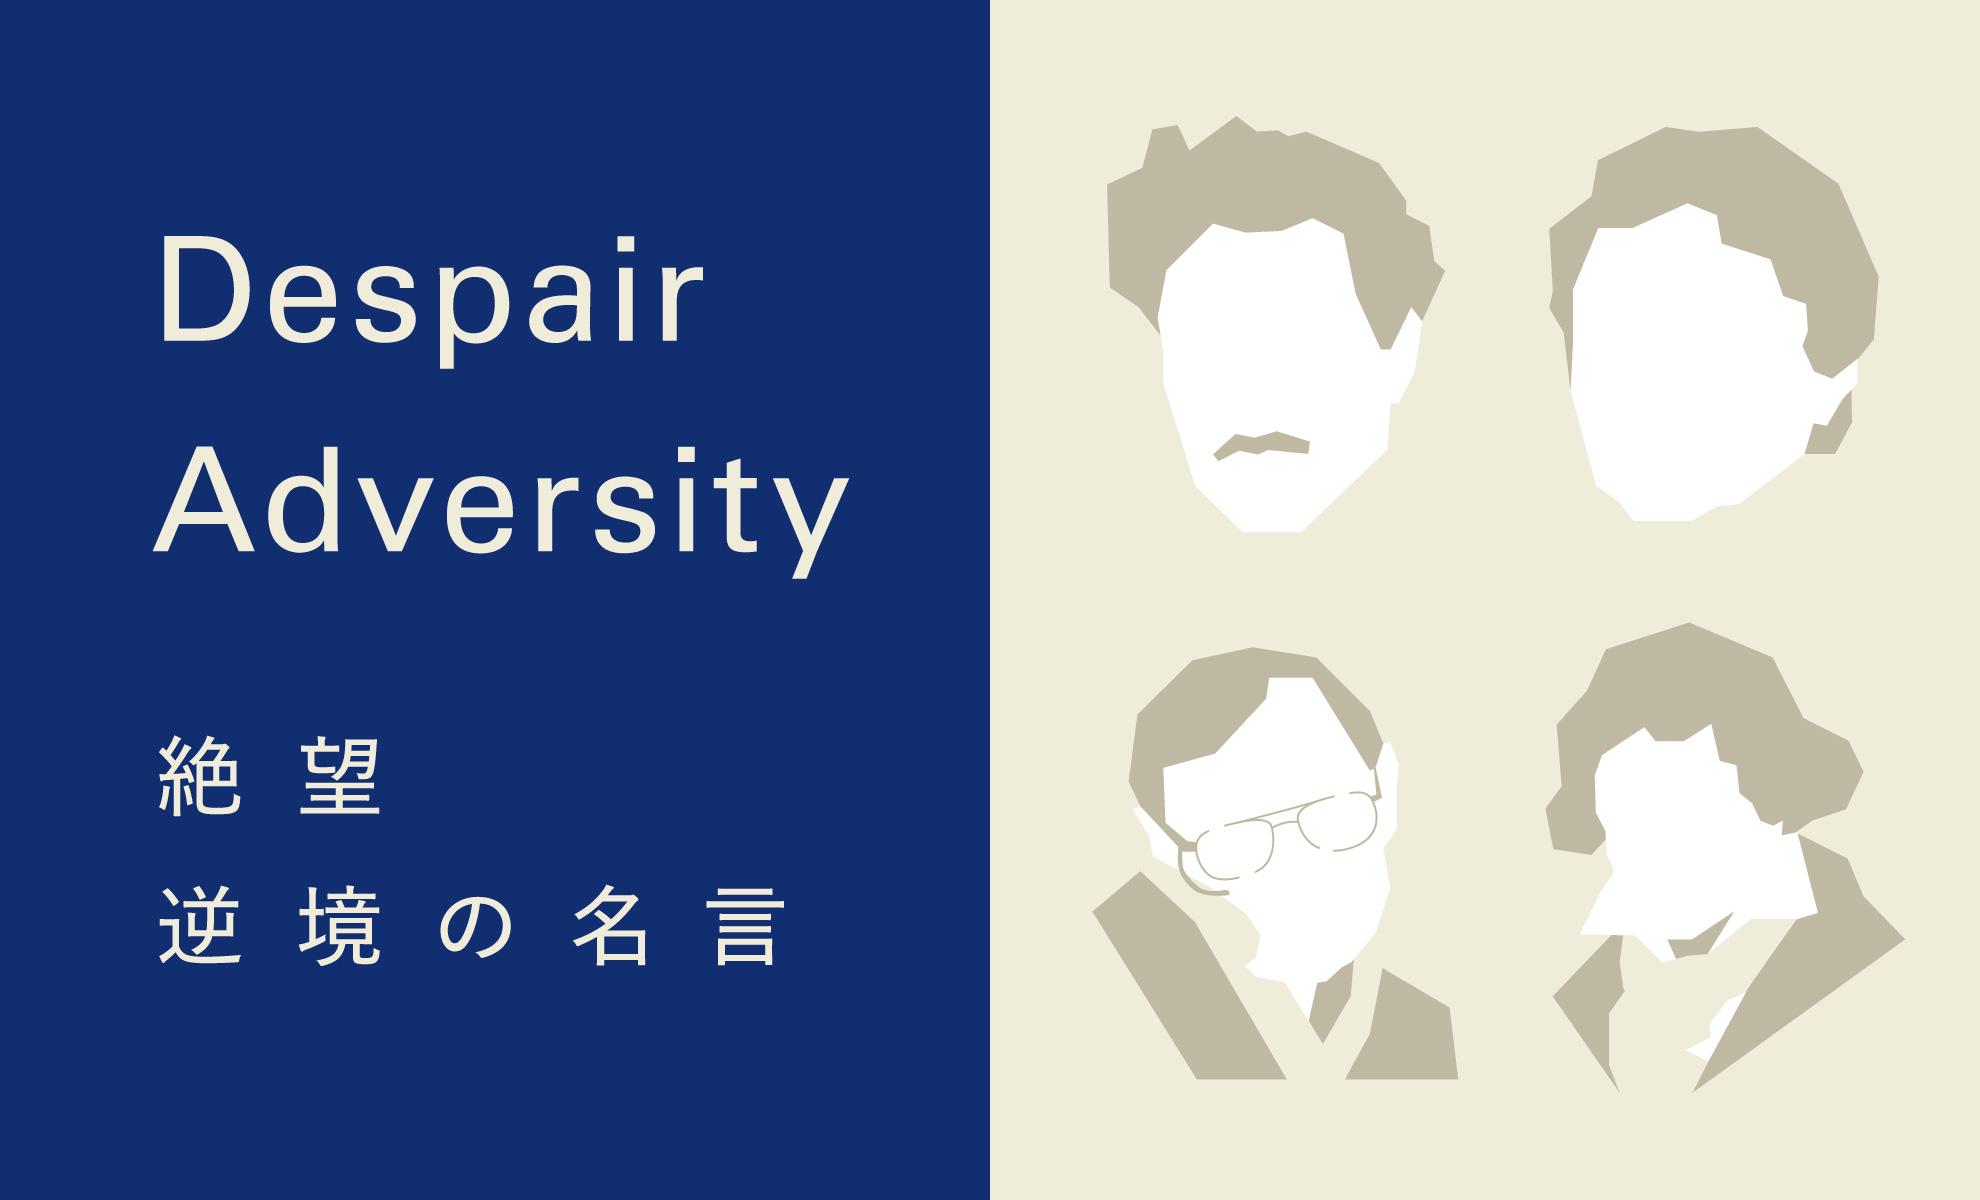 【絶望・逆境の名言】ハンディキャップを持った4人の偉人の言葉から学ぶ困難を乗り越える方法のイラスト